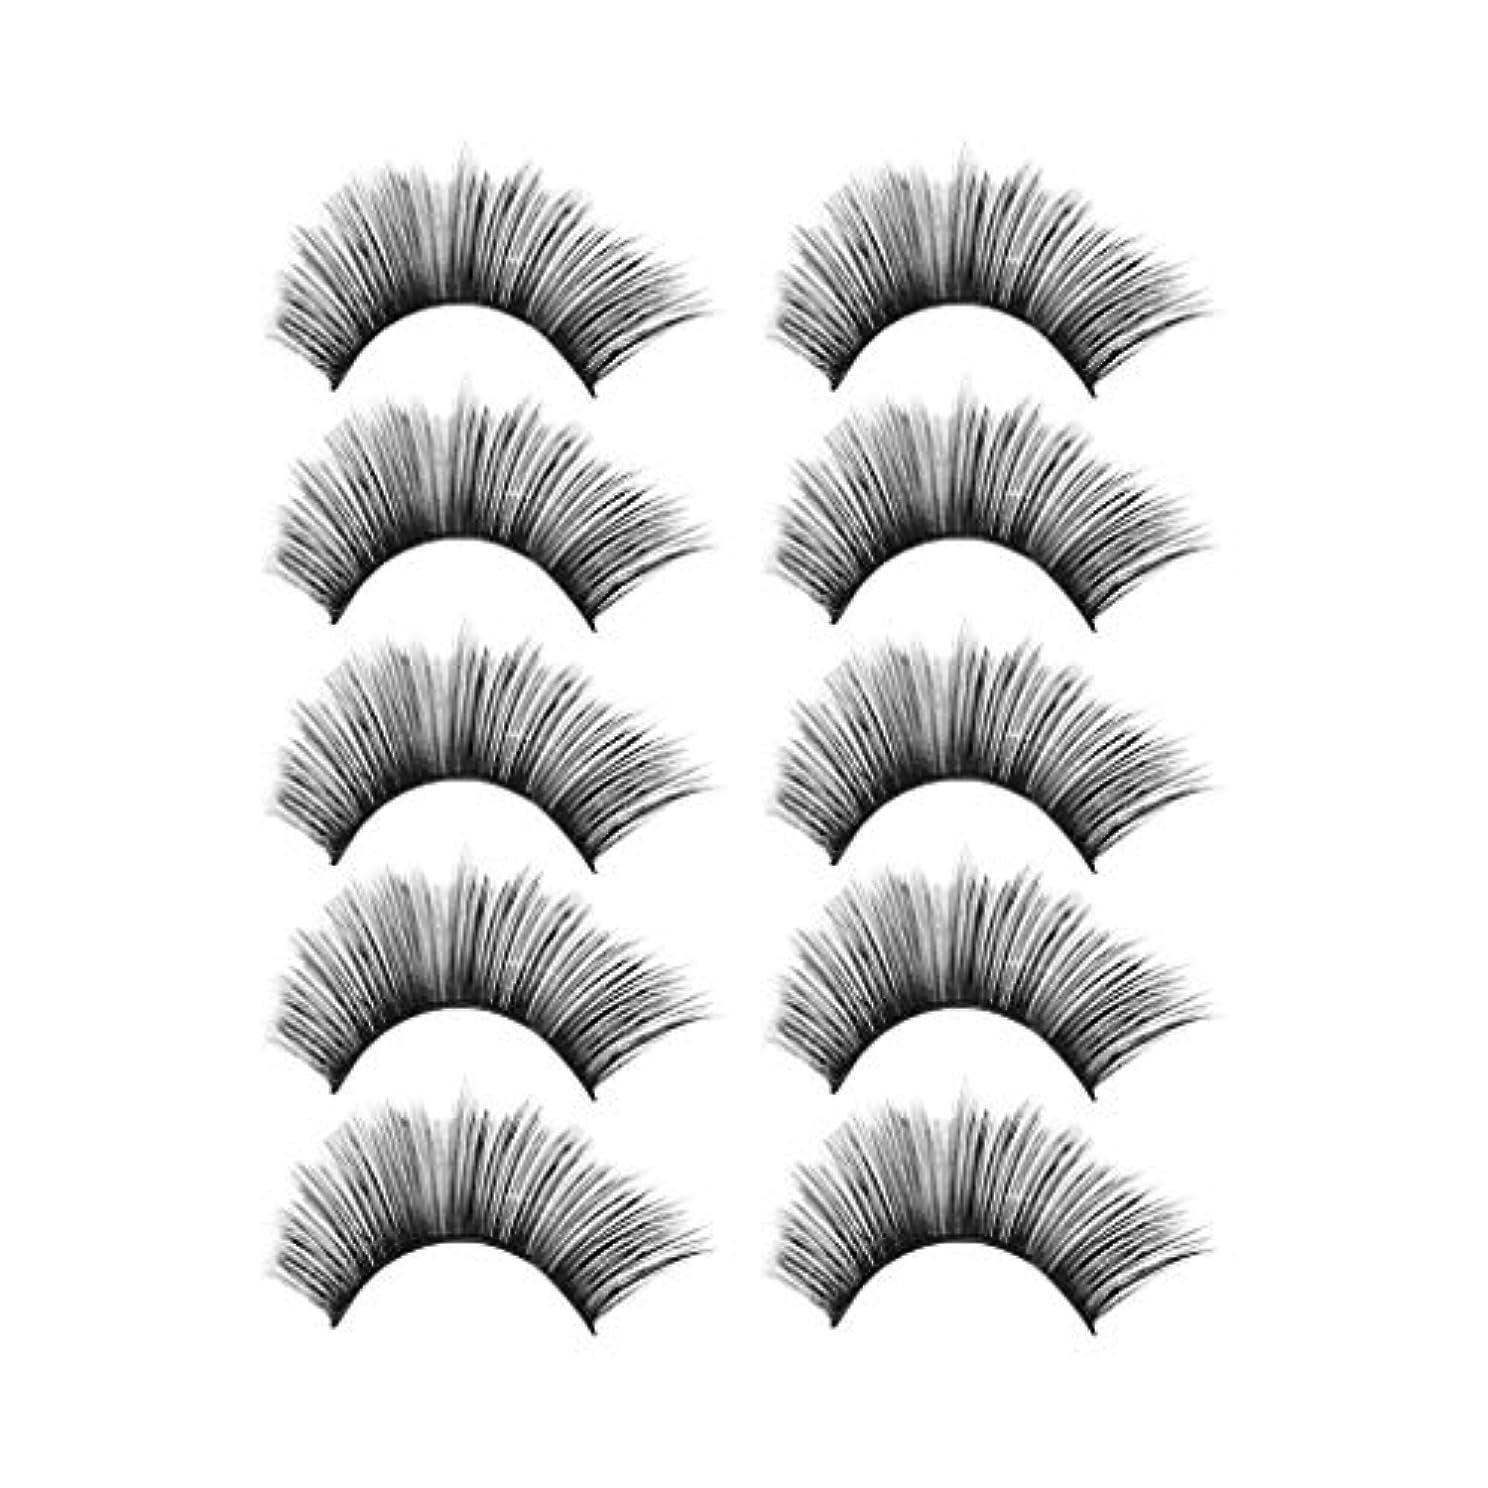 有効イル精度贅沢な構造5Pair 3Dのまつげふわふわのストリップまつげの長く自然な党